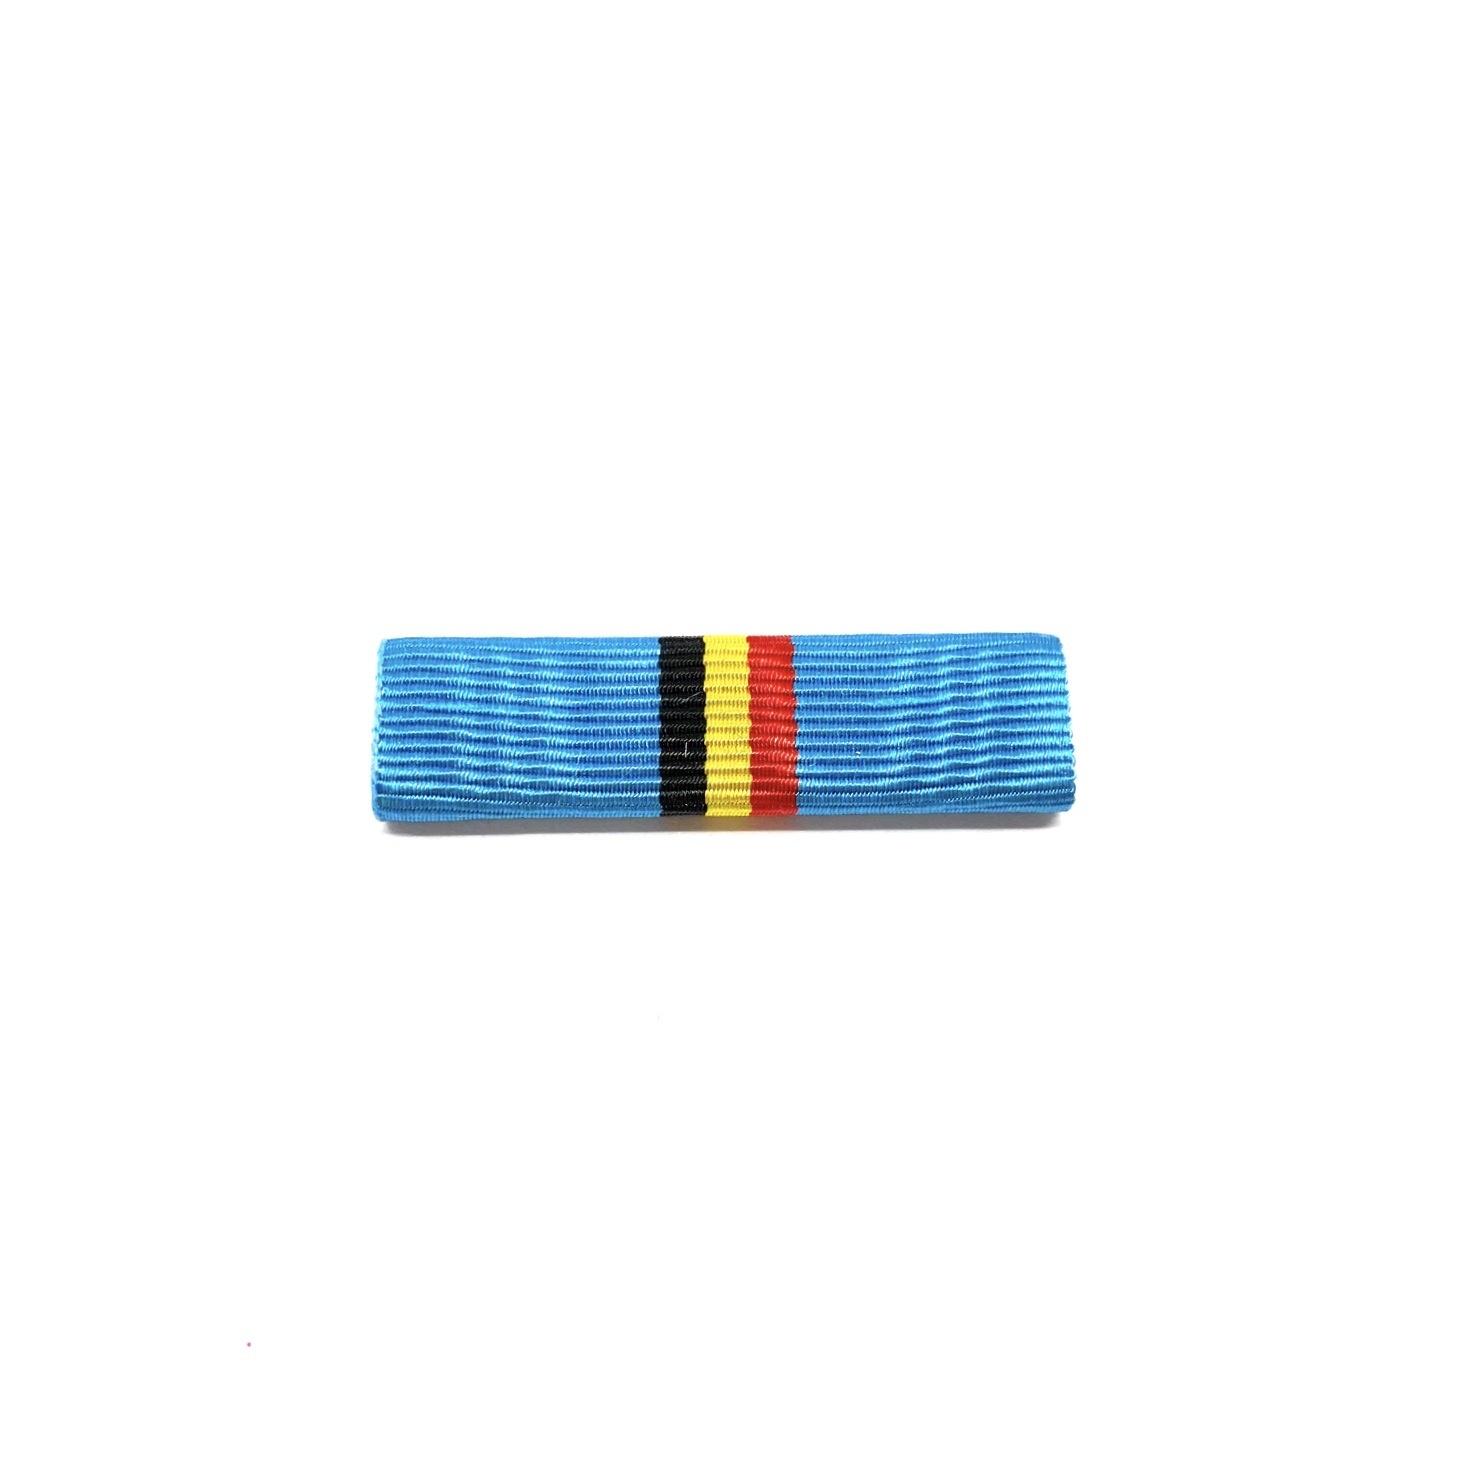 Médaille Commémorative Opérations Humanitaires Armées